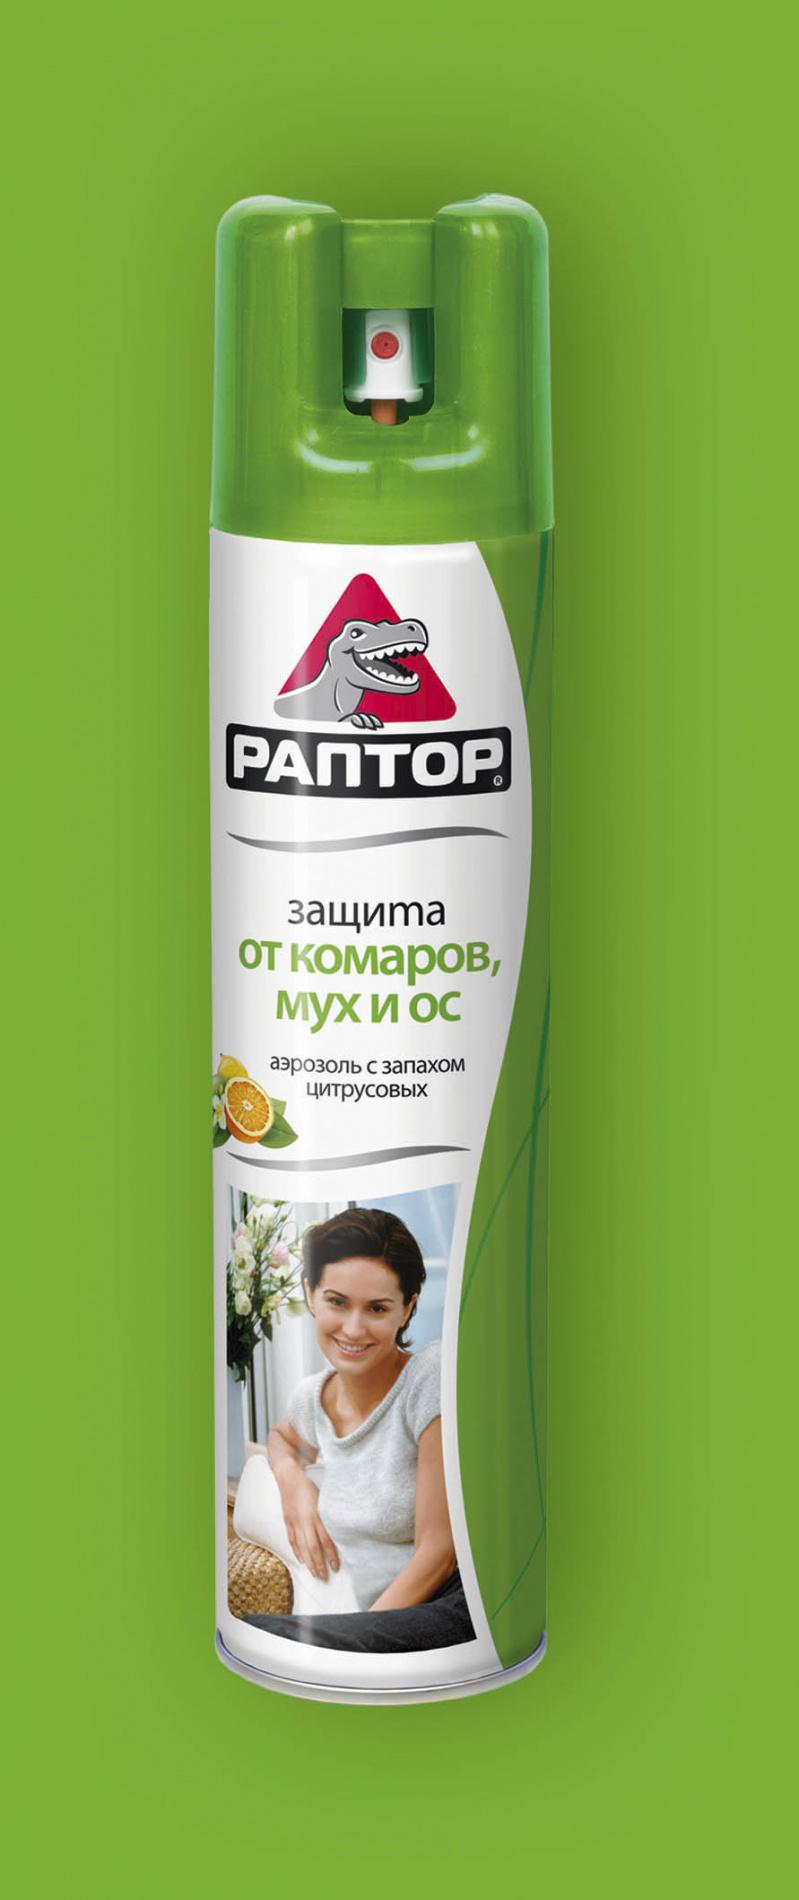 Аэрозоль РАПТОР от летающих насекомых РЕПЕЛЛЕНТЫ И ИНСЕКТИЦИДЫ<br>Это самый удобный способ в считанные минуты <br>очистить комнату не только от комаров, но <br>и от других насекомых – мух, моли и даже <br>ос. Кроме того, аэрозоль имеет приятный <br>цитрусовый аромат. Теперь проблема непрошенных <br>гостей решена быстро и легко! 275 МЛ<br>